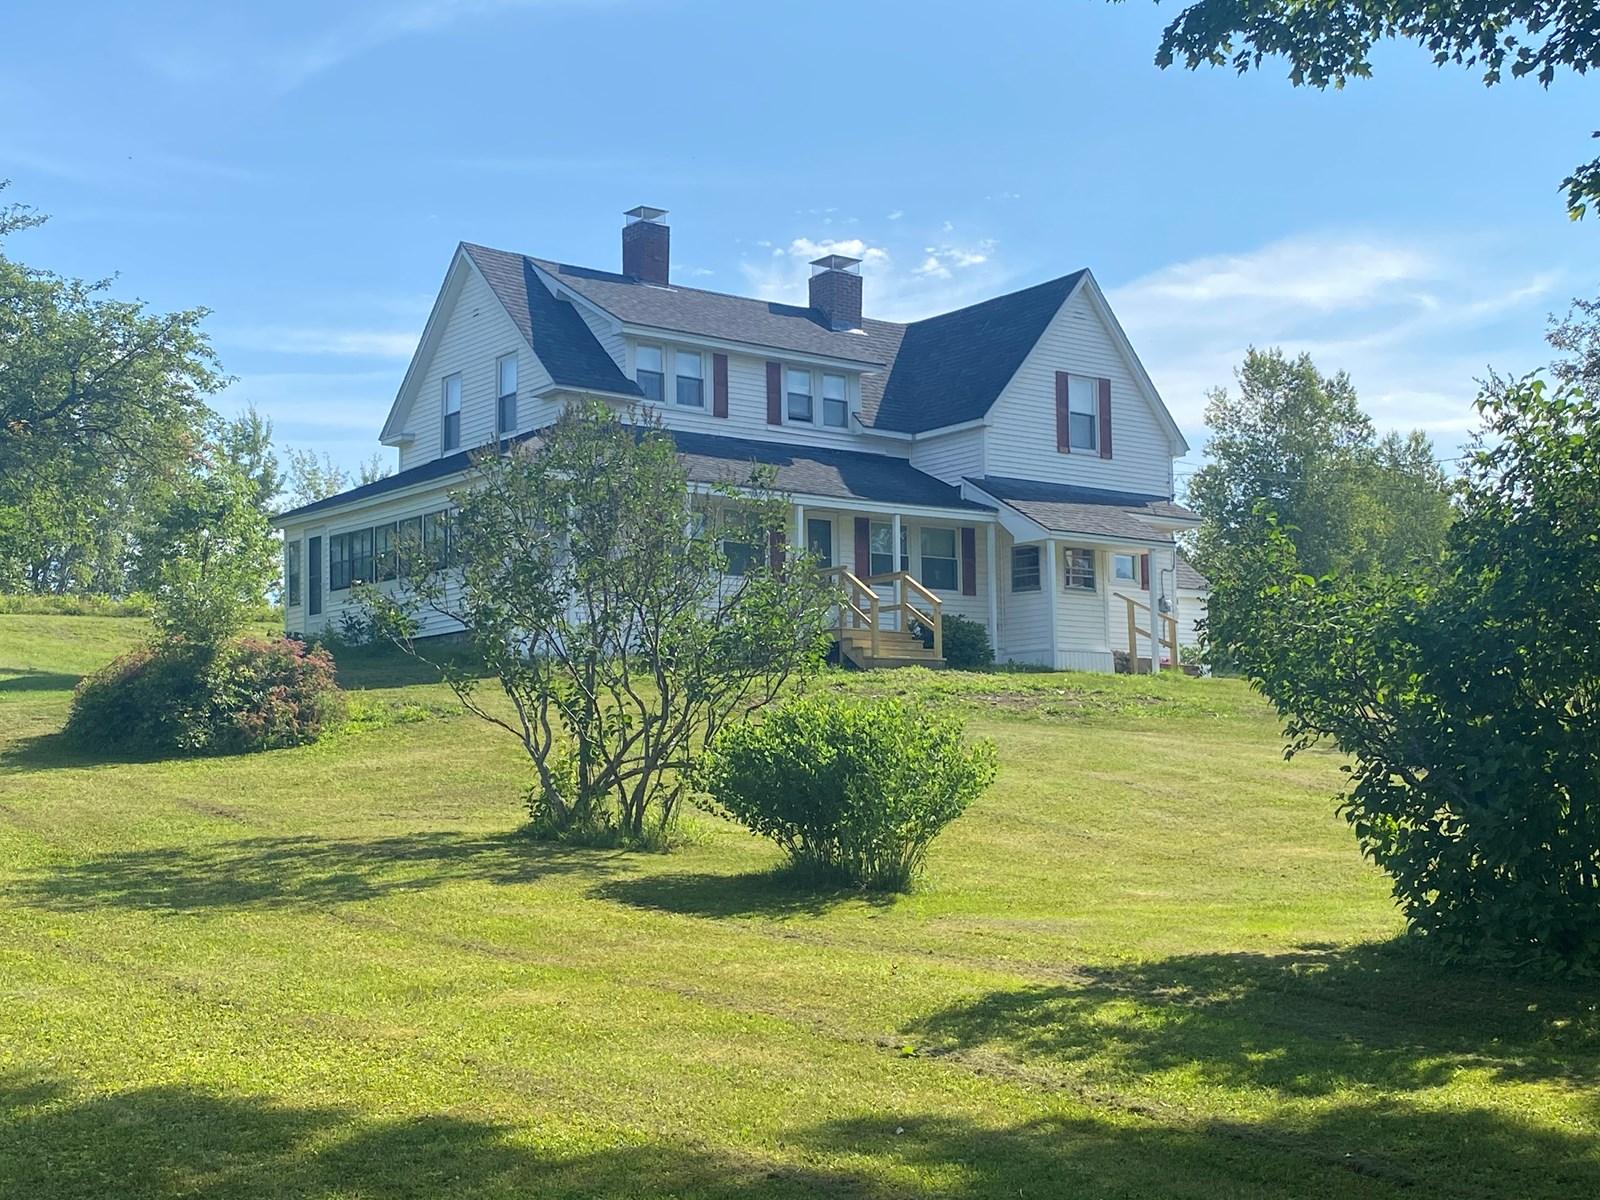 Farmhouse in Mattawamkeag, Maine